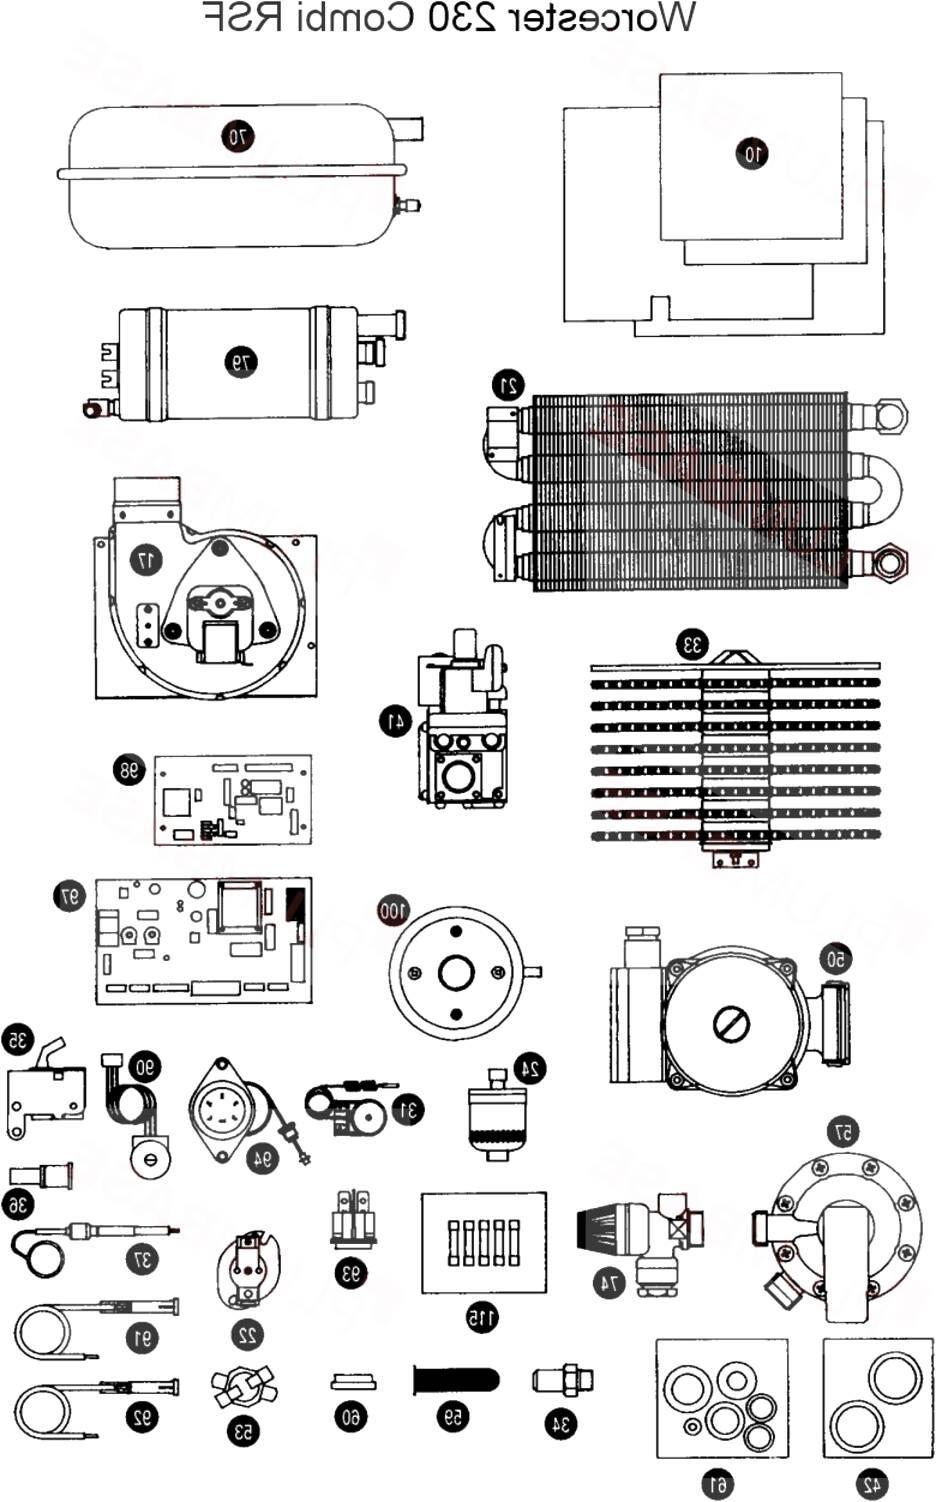 worcester oil boiler parts for sale